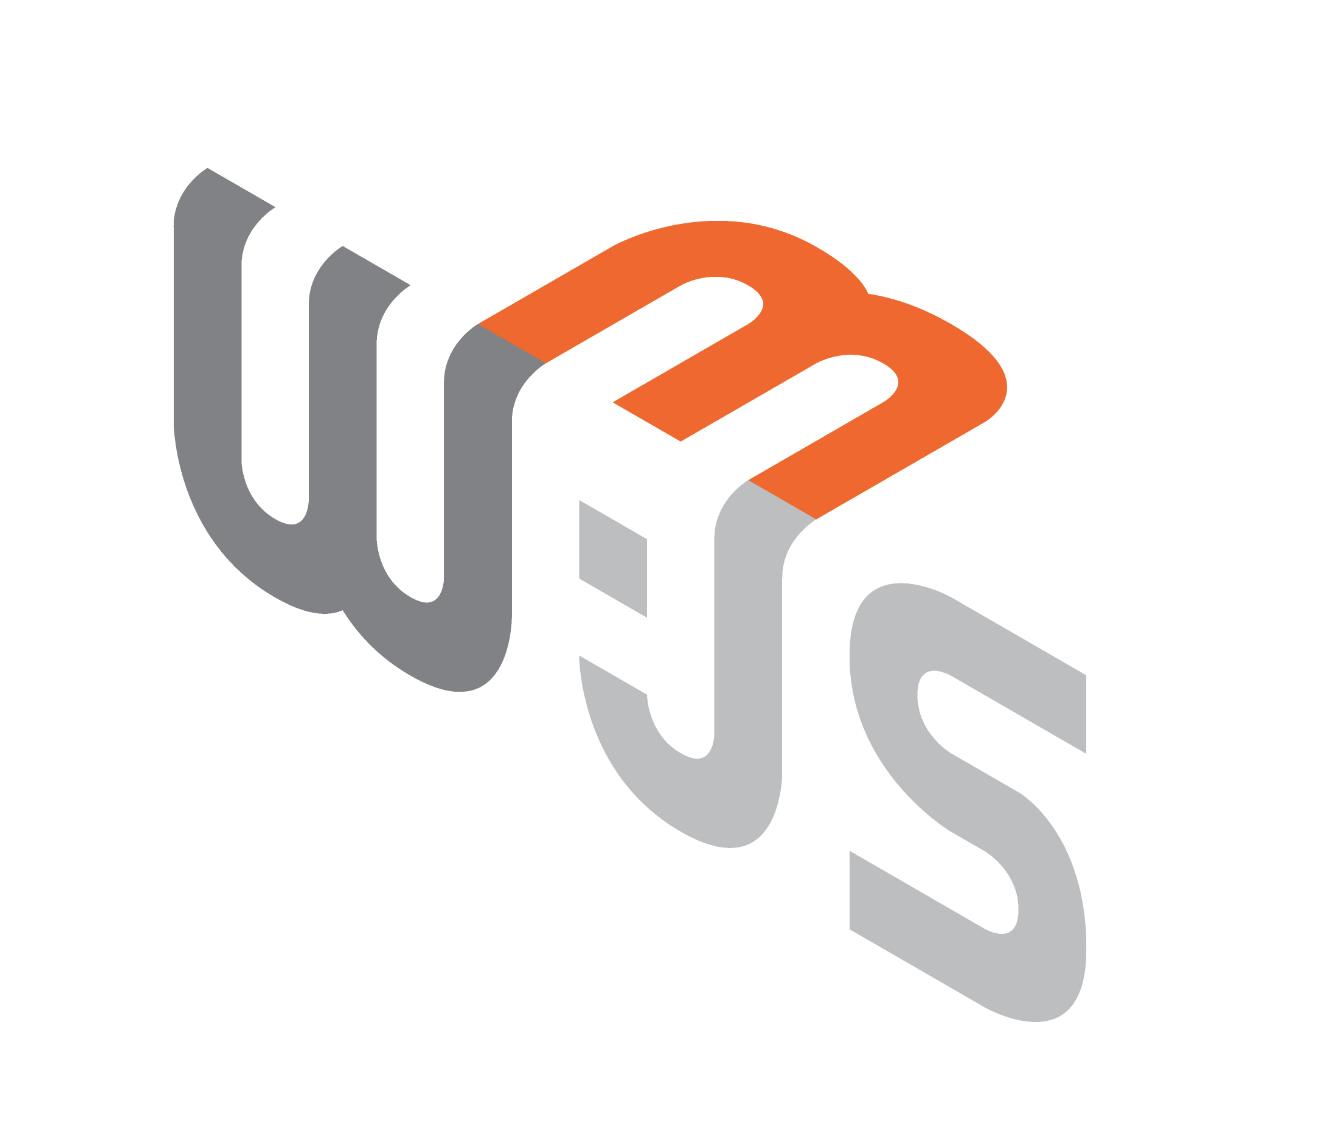 web3.js